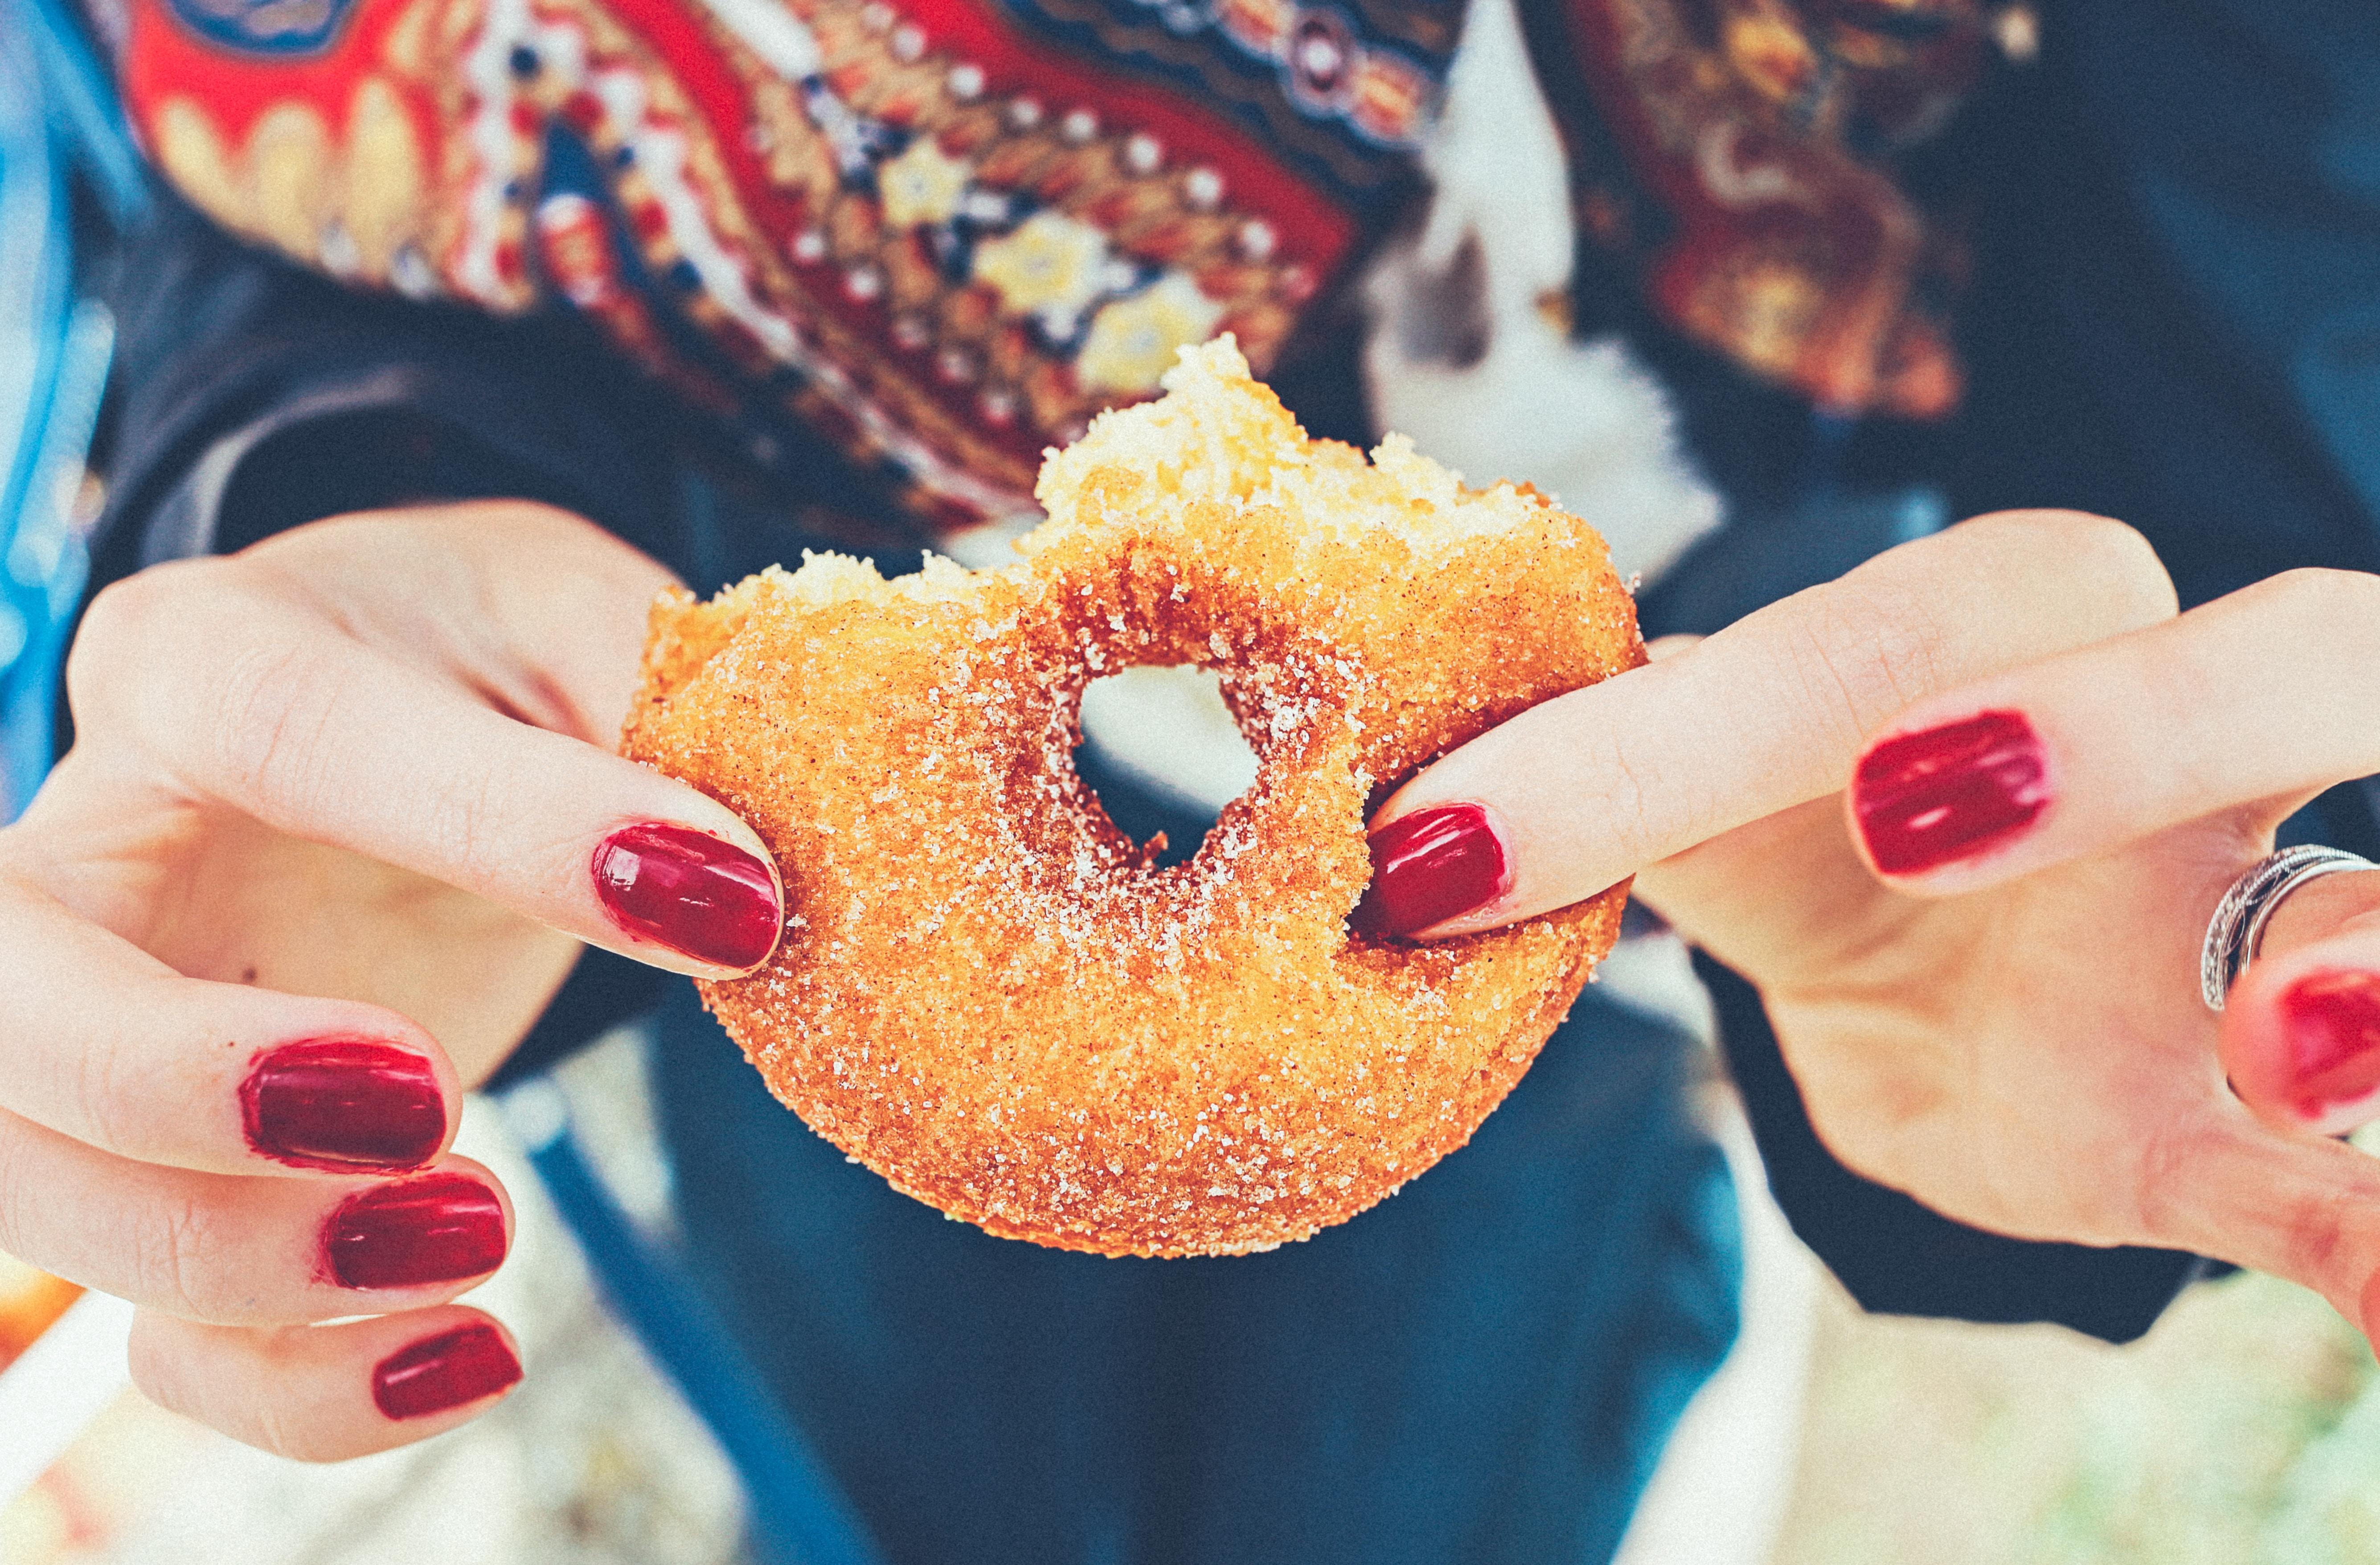 Pourquoi se passer du sucre dans notre alimentation ? 1